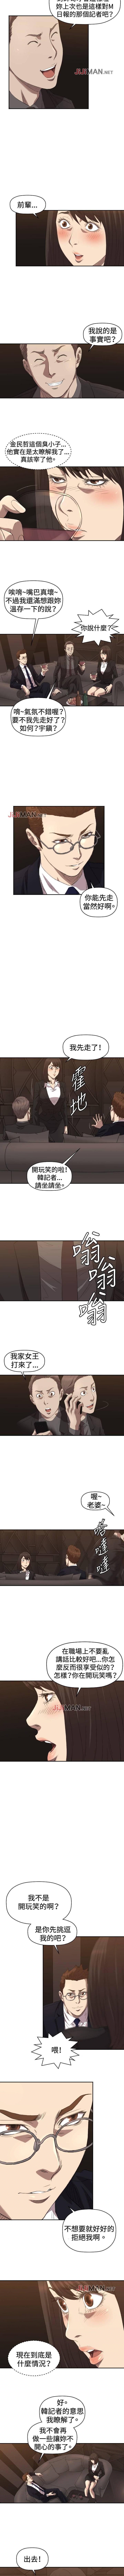 【已完结】索多玛俱乐部(作者:何藝媛&庫奈尼) 第1~32话 23